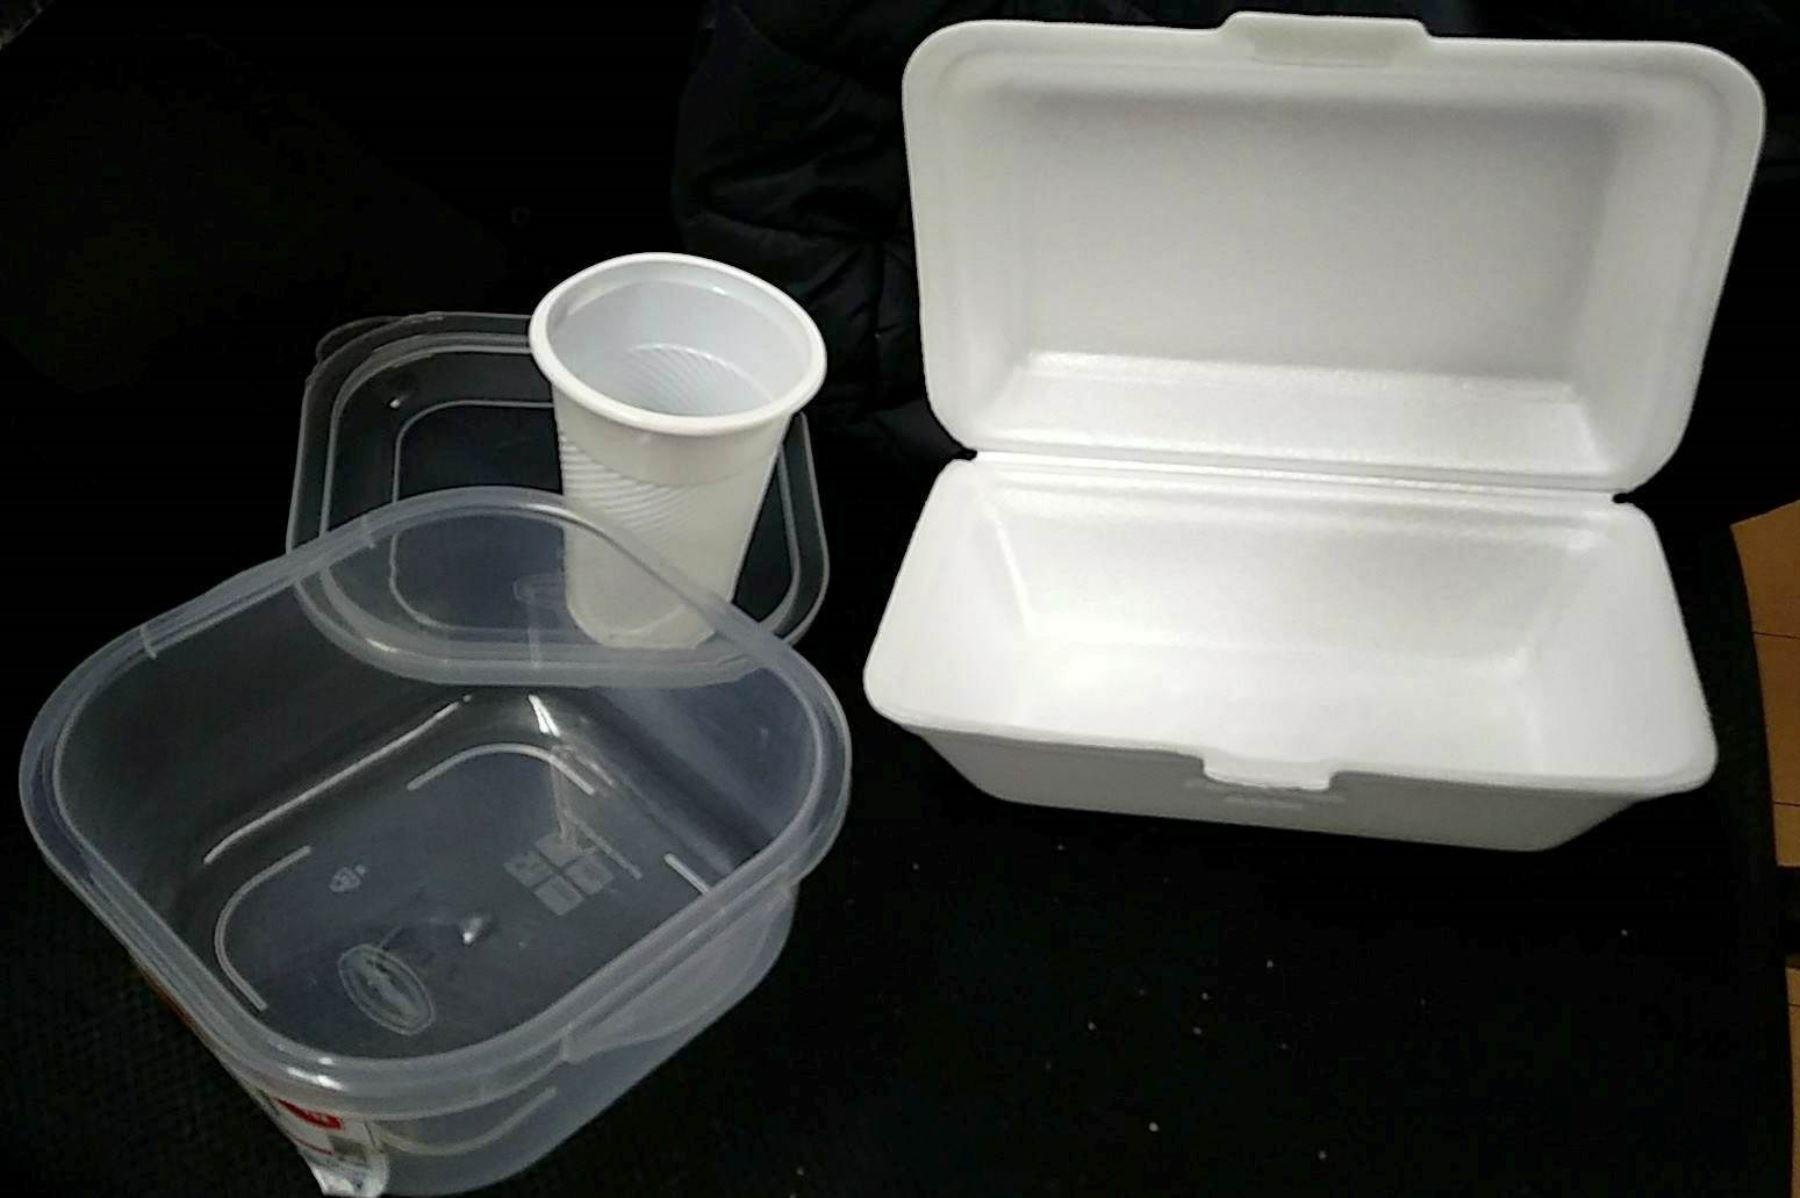 Universidad de Arequipa prohíbe uso de envases de plástico para bebidas y alimentos. ANDINA/Difusión